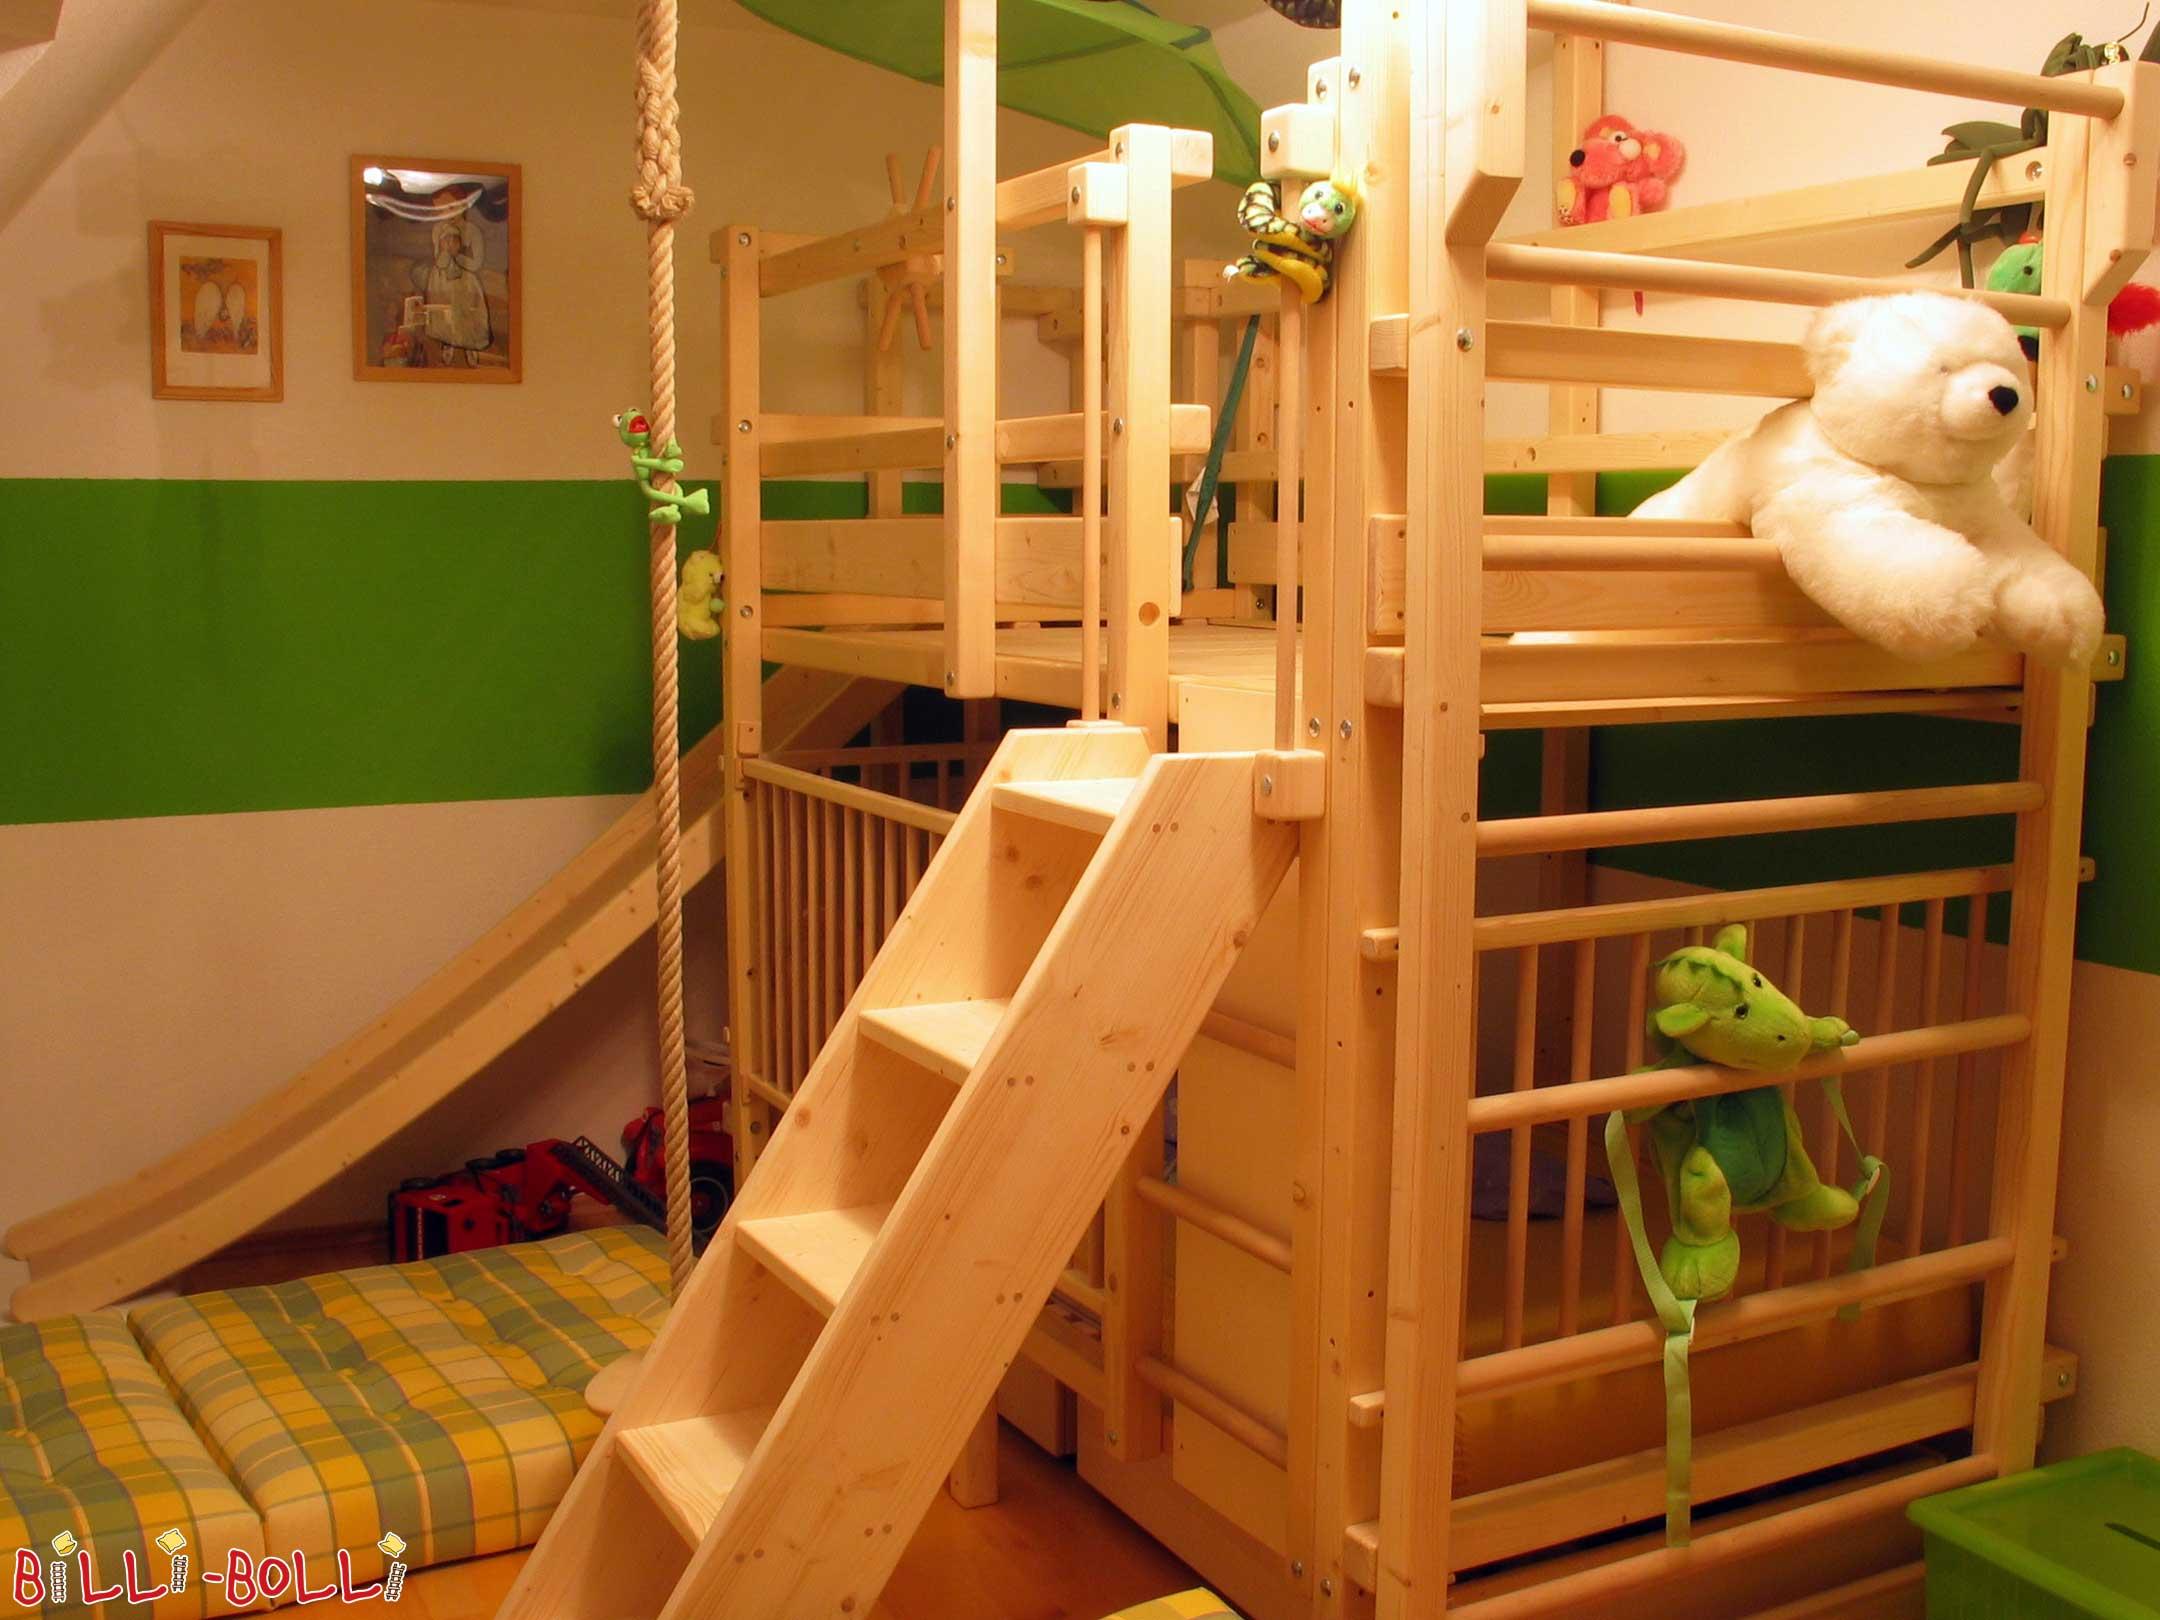 bunk bed billi bolli kids furniture. Black Bedroom Furniture Sets. Home Design Ideas